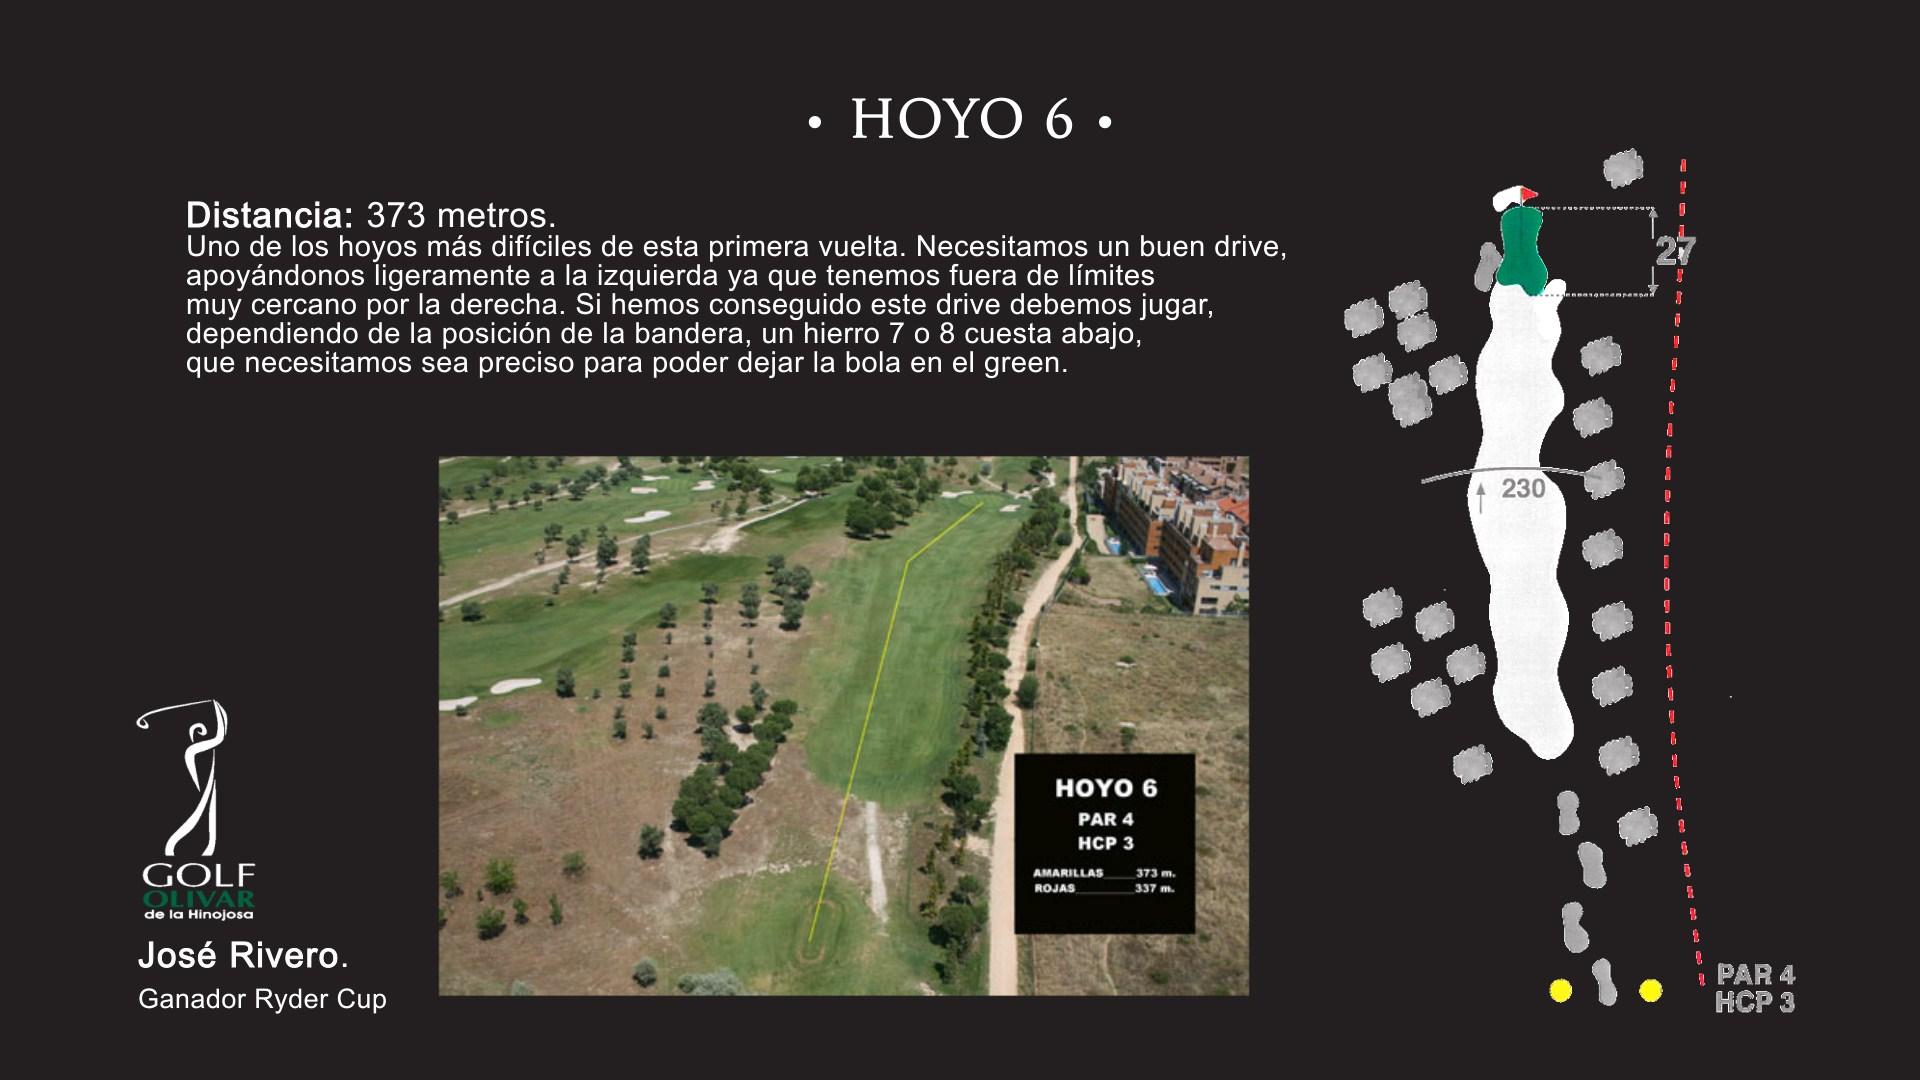 Hoyo 6 Olivar de la Hinojosa